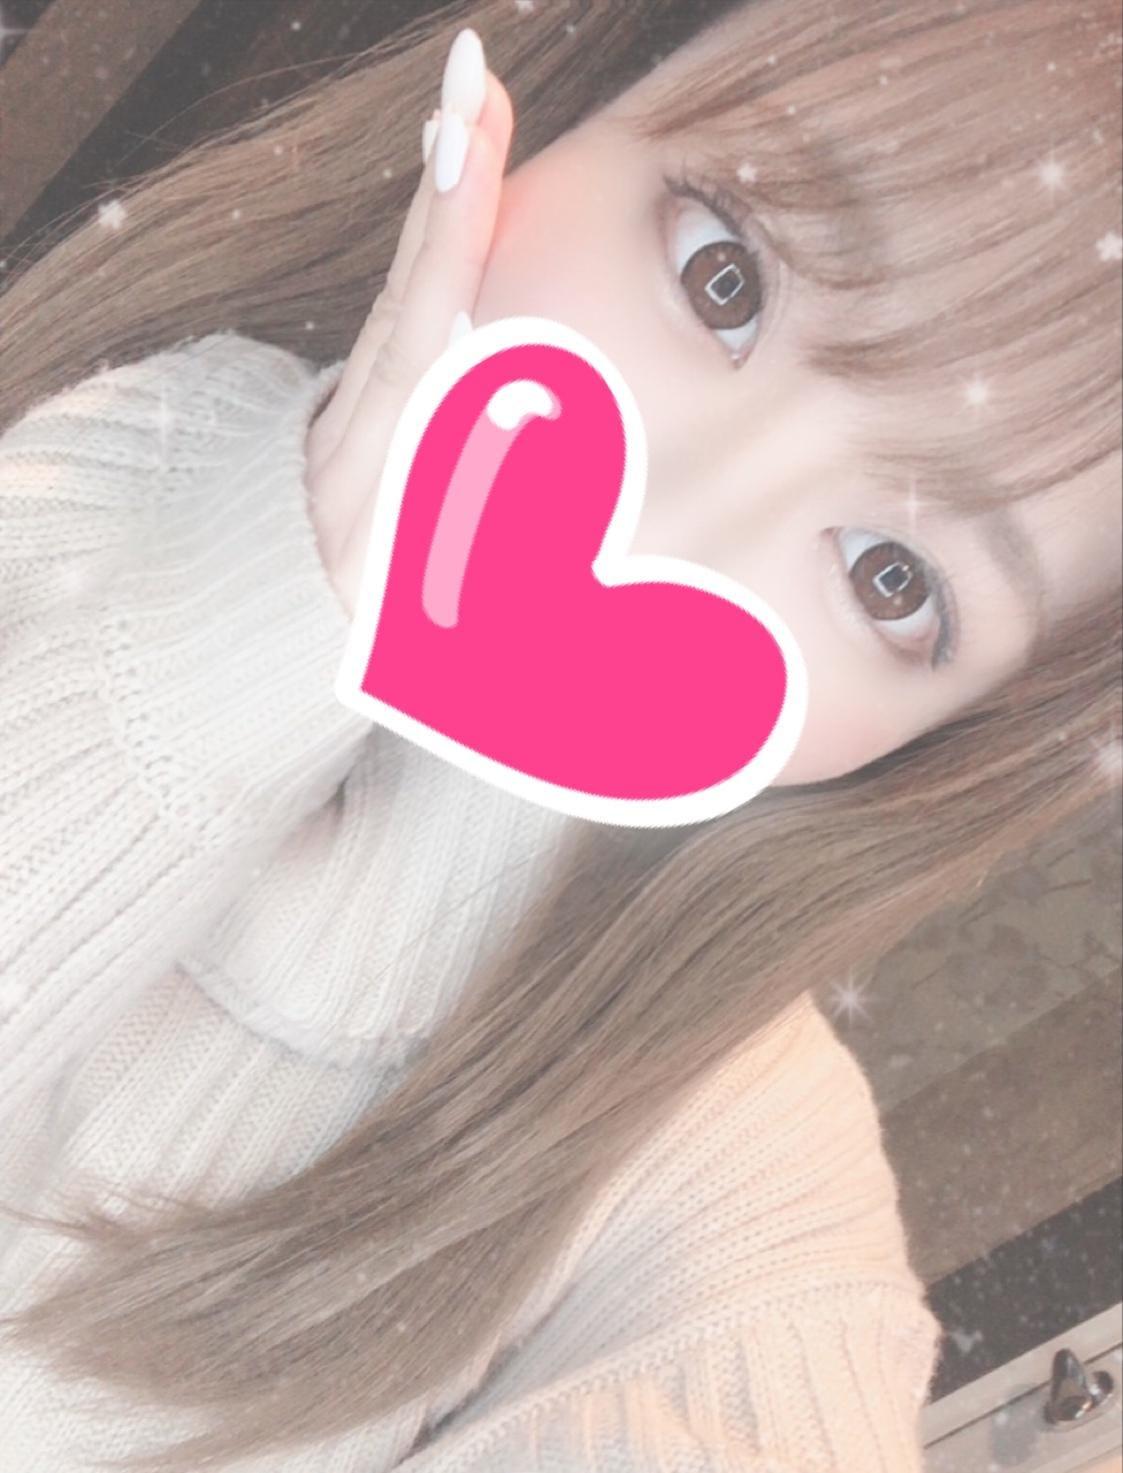 「嬉しい♡」02/14(02/14) 00:05 | 片桐 しゅりの写メ・風俗動画